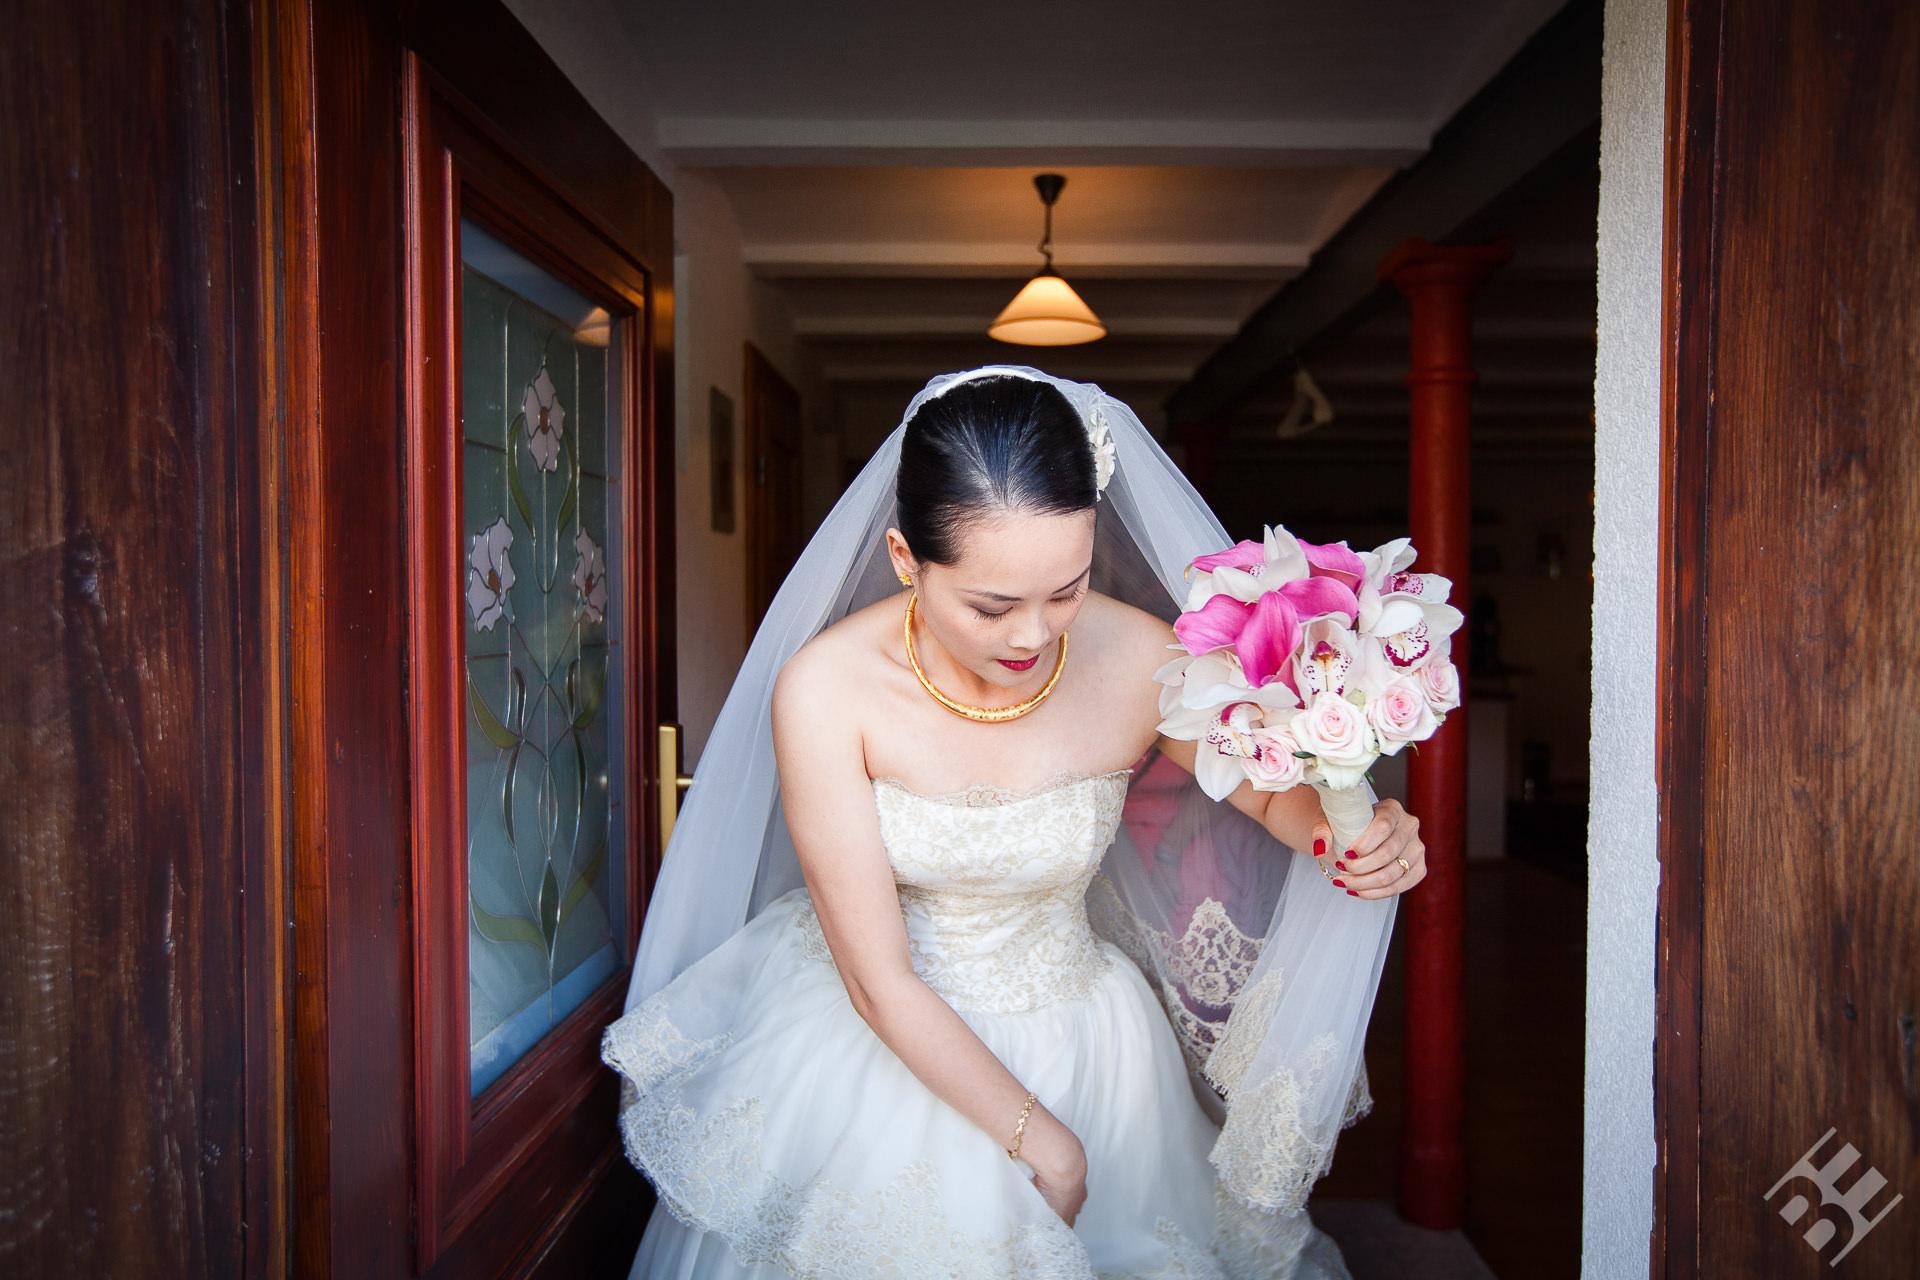 Hochzeit_06_IMG_9729-2_Volen_Evtimov